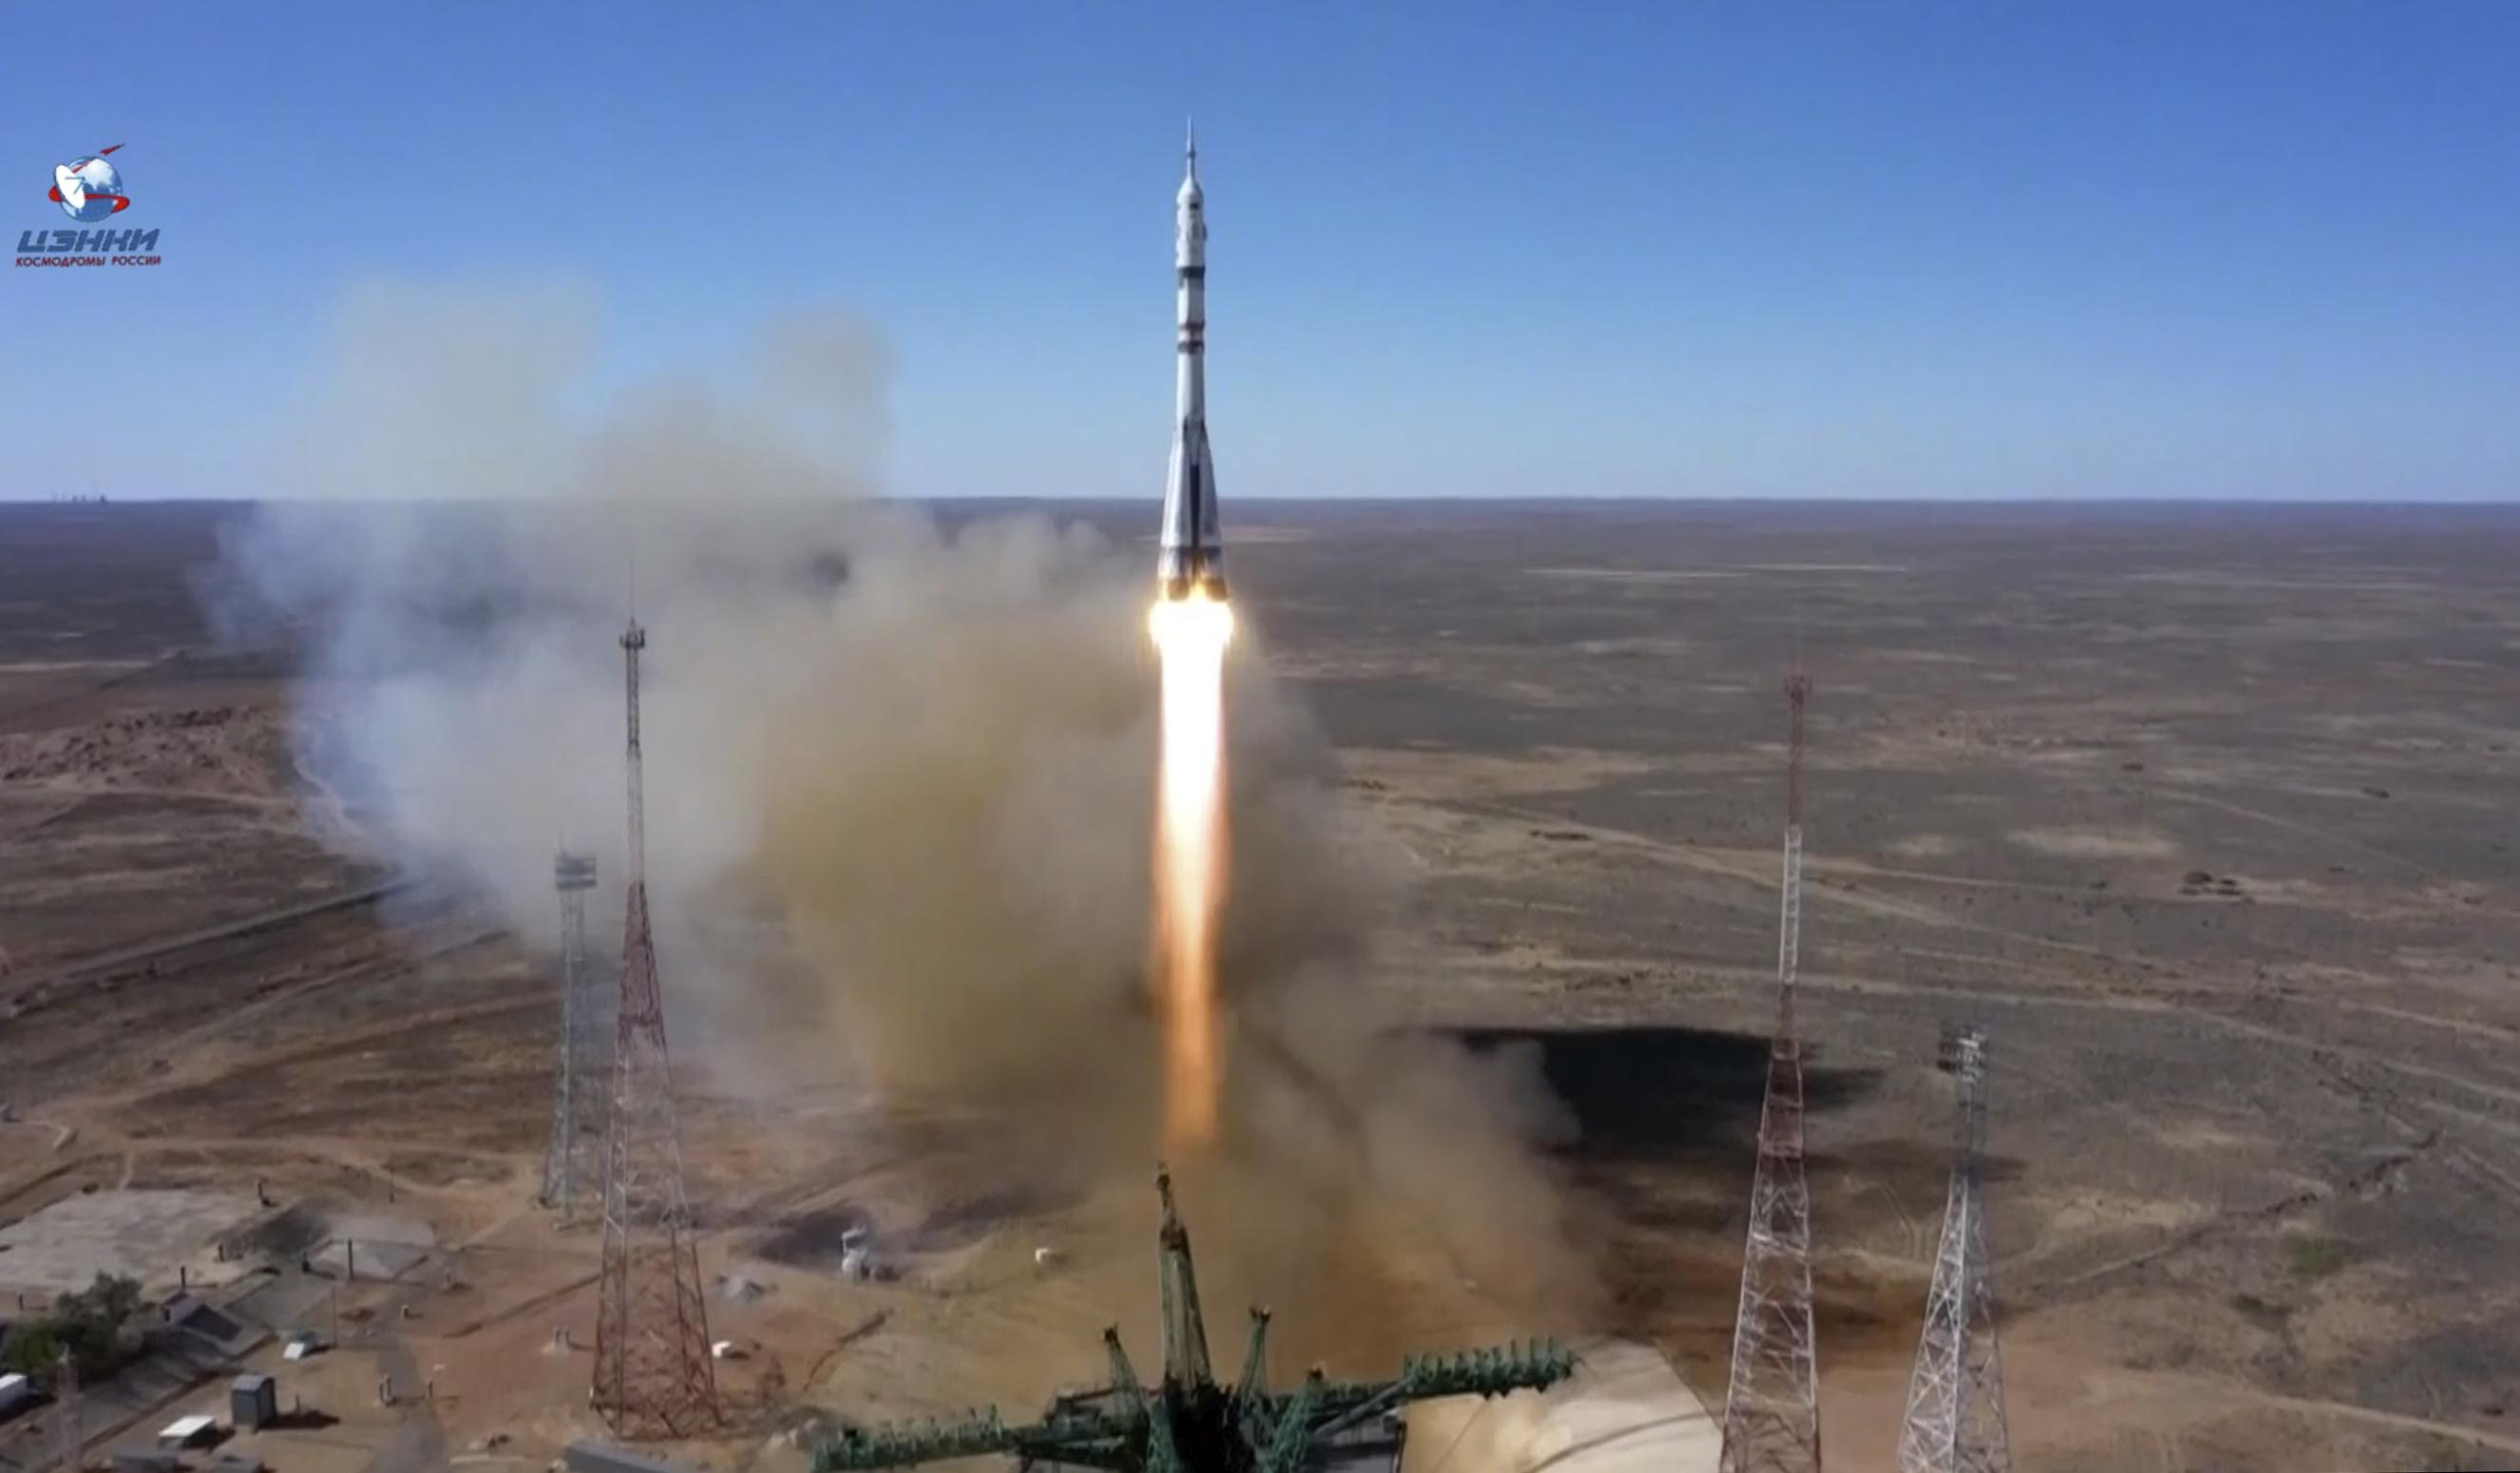 En esta foto tomada de imágenes de vídeo difundidas por la Agencia Espacial Roscosmos, el cohete impulsor Soyuz-2.1a con la nave espacial Soyuz MS-19 que lleva a la actriz Yulia Peresild, al director de cine Klim Shipenko y al cosmonauta Anton Shkaplerov a la Estación Espacial Internacional, ISS, despega en el cosmódromo ruso de Baikonur, Kazajistán, el martes 5 de octubre de 2021.